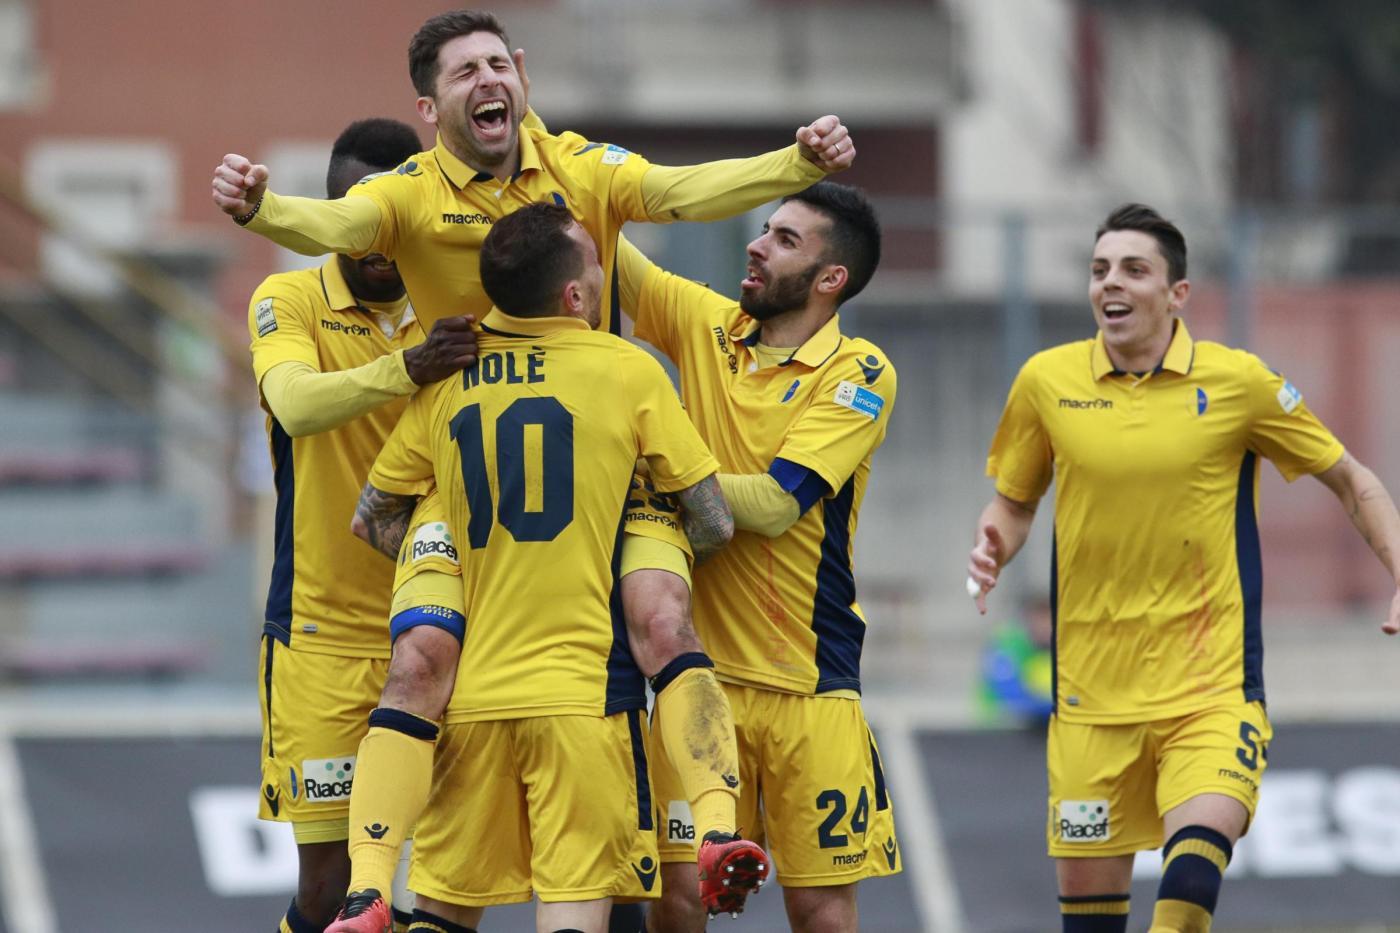 Modena-Virtus Verona 10 agosto 2019: il pronostico di Coppa Italia Serie C